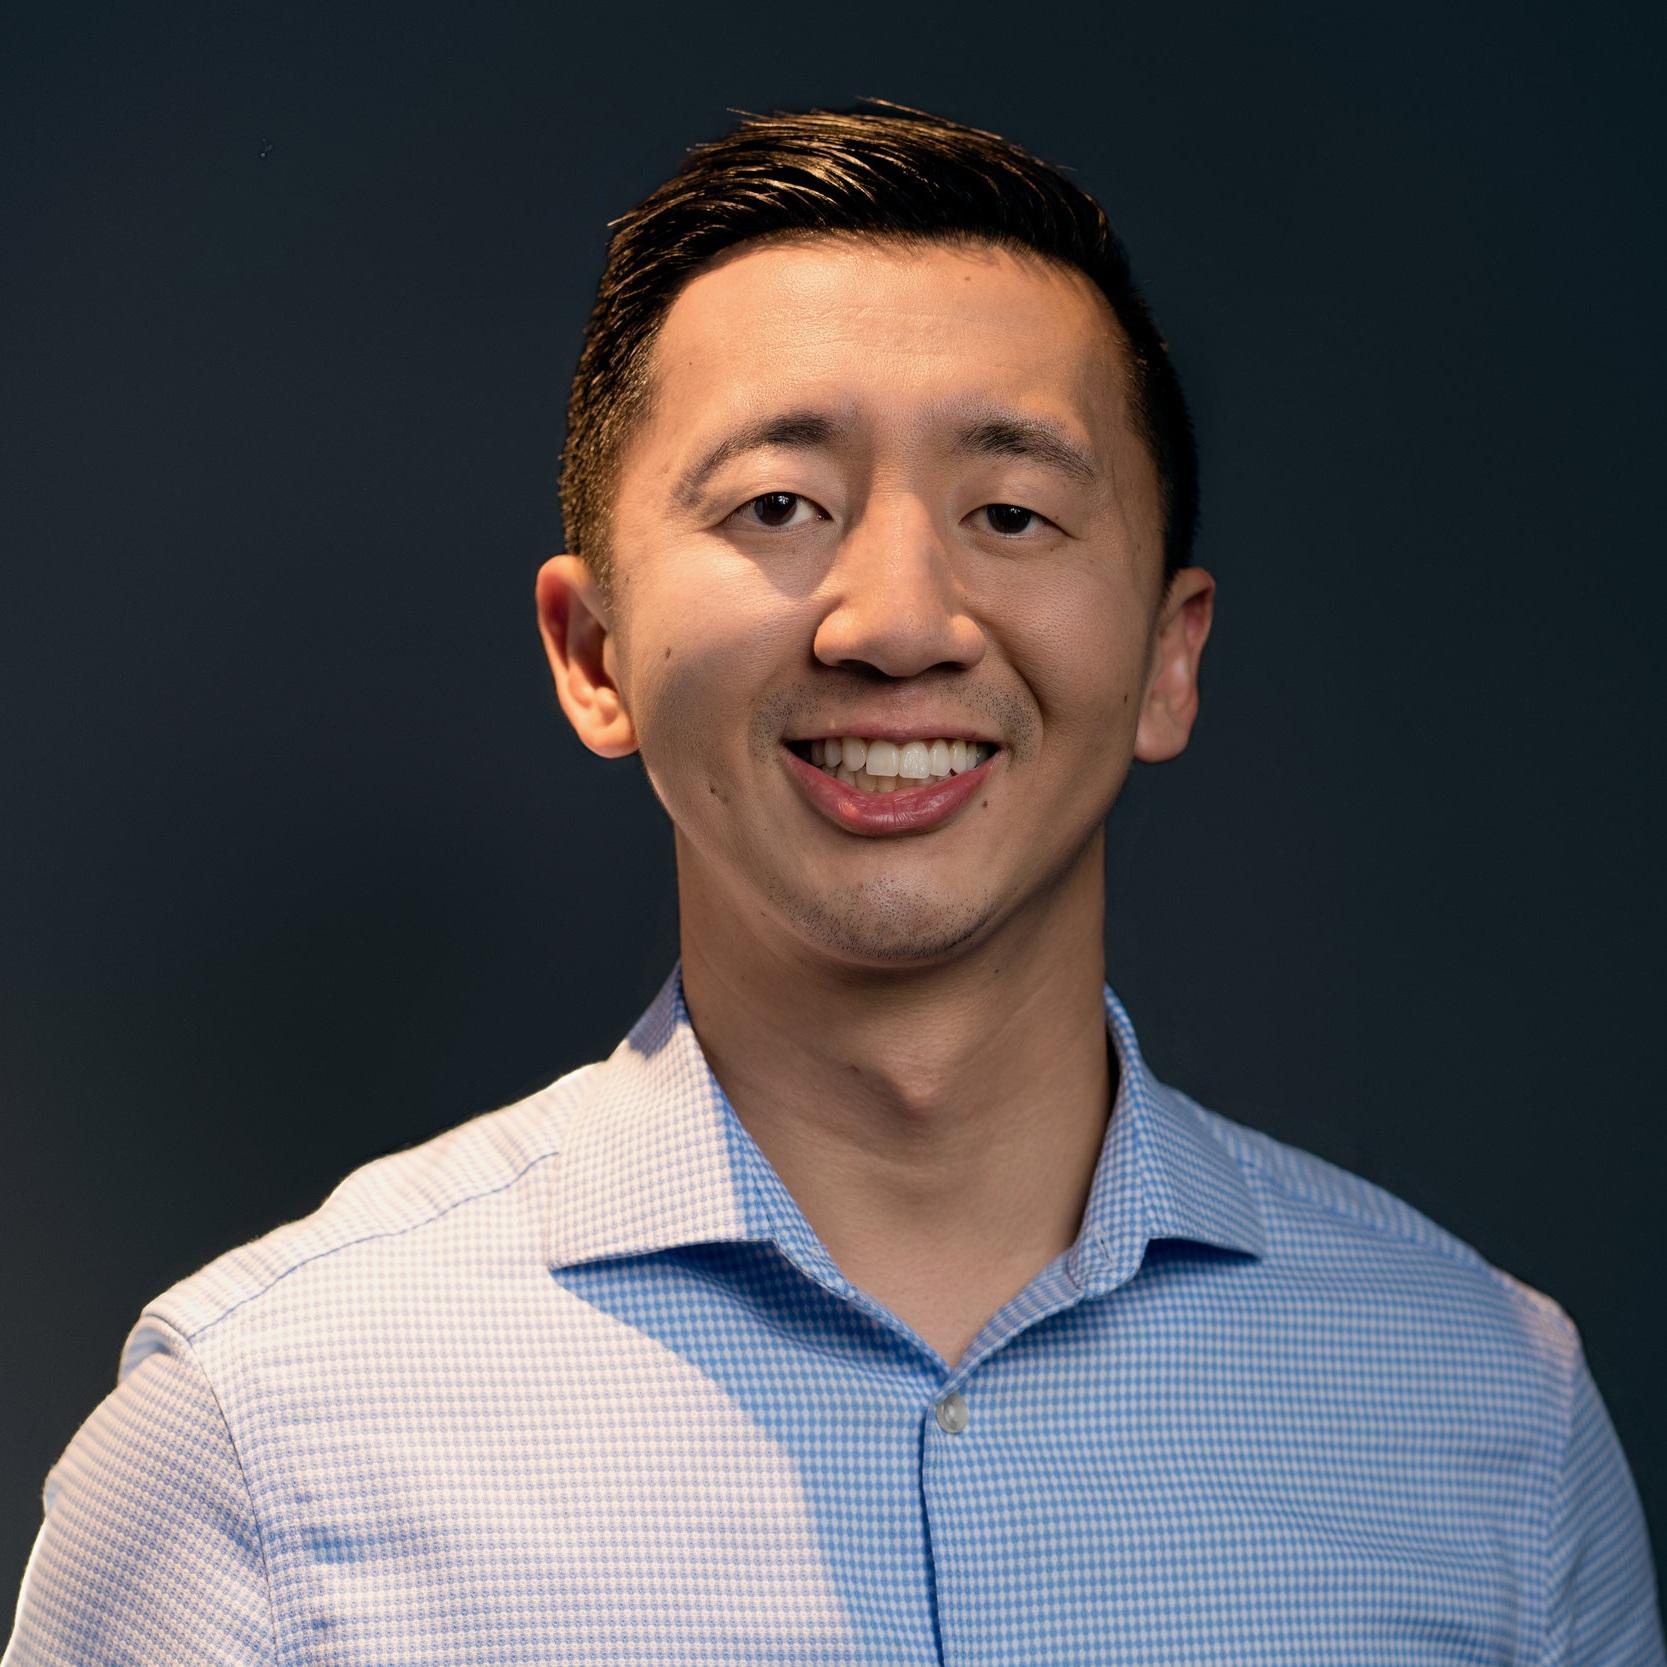 Frank Li - CASES Manager